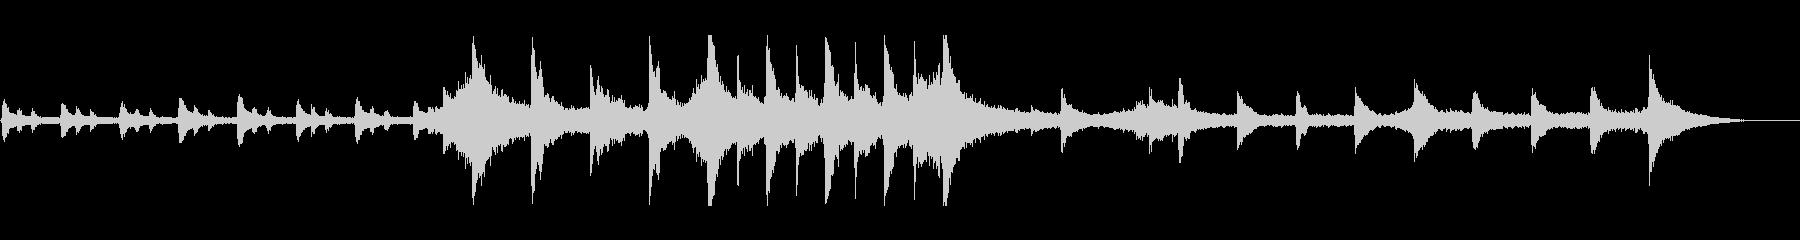 ファンタジーの幸せなクライマックス音楽の未再生の波形